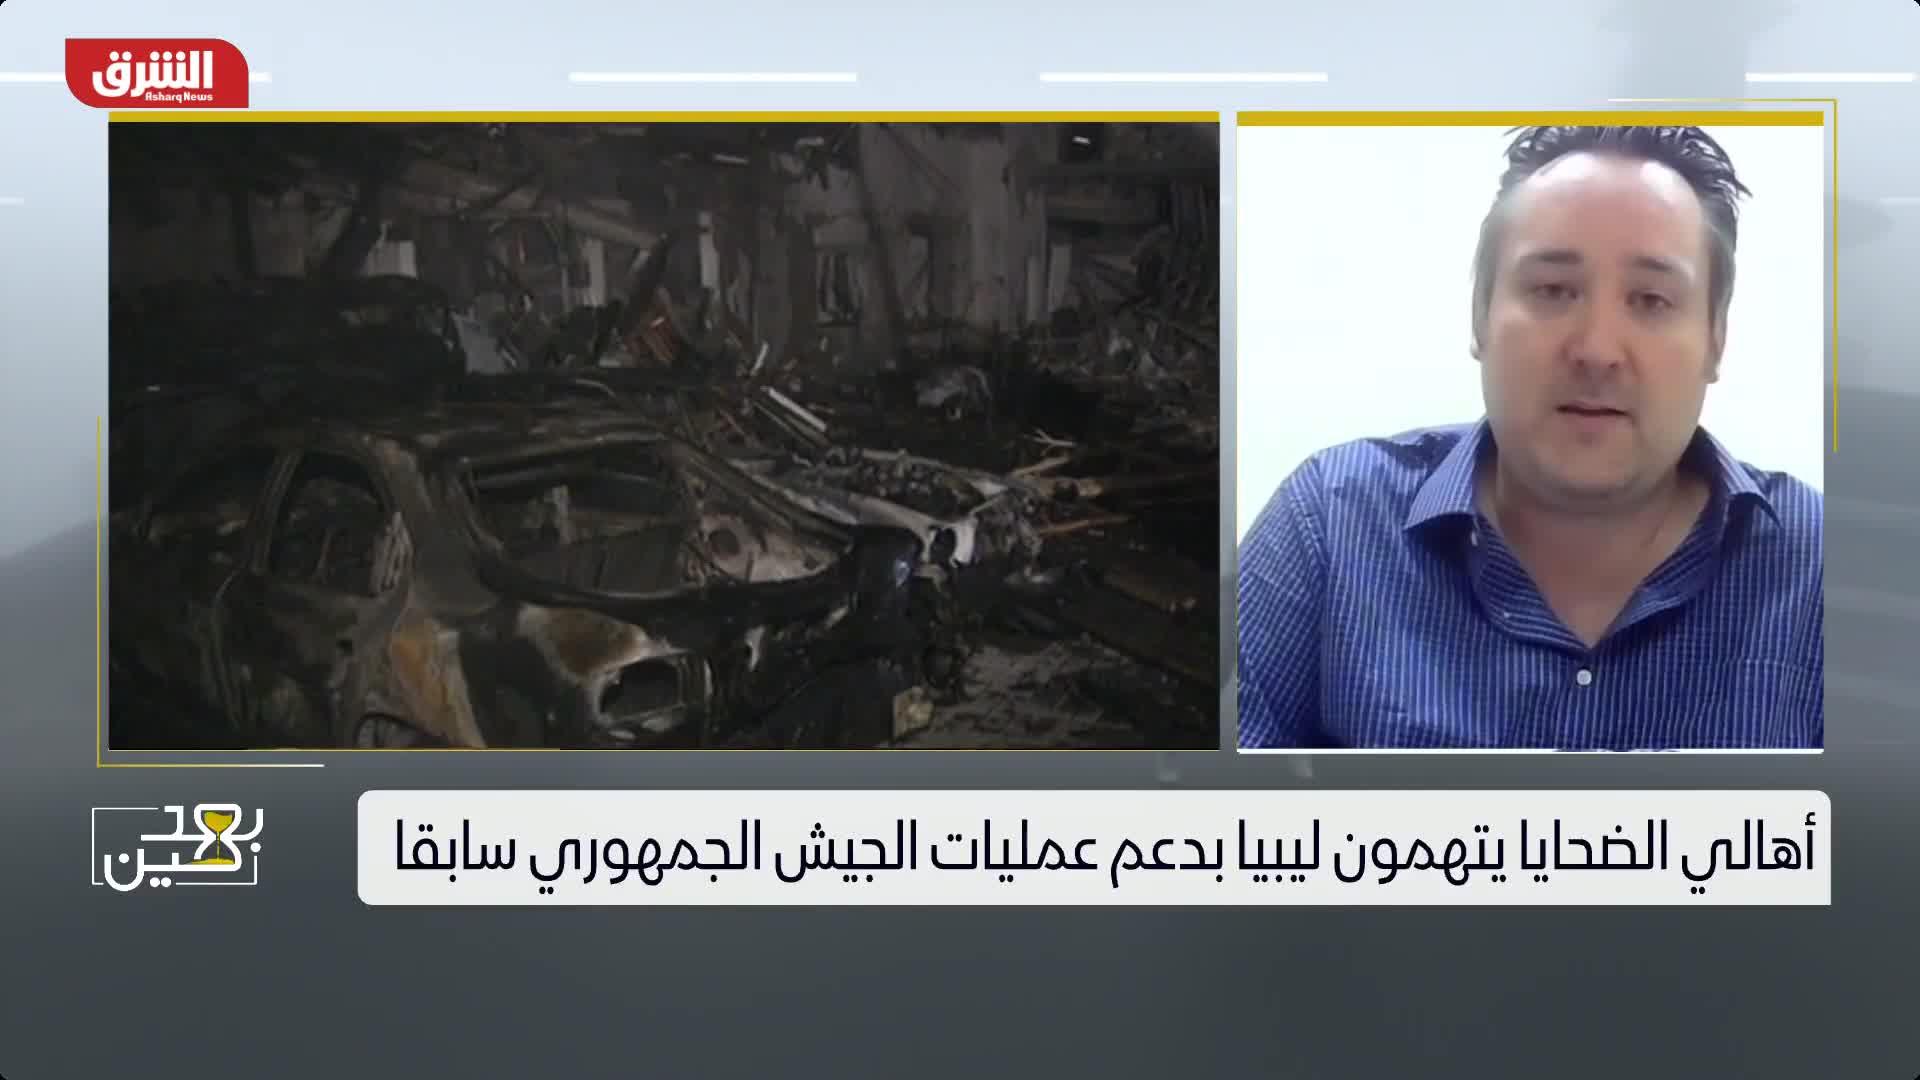 ضحايا الجيش الجمهور يطالبون بالتعويض من أموال ليبيا المجمدة